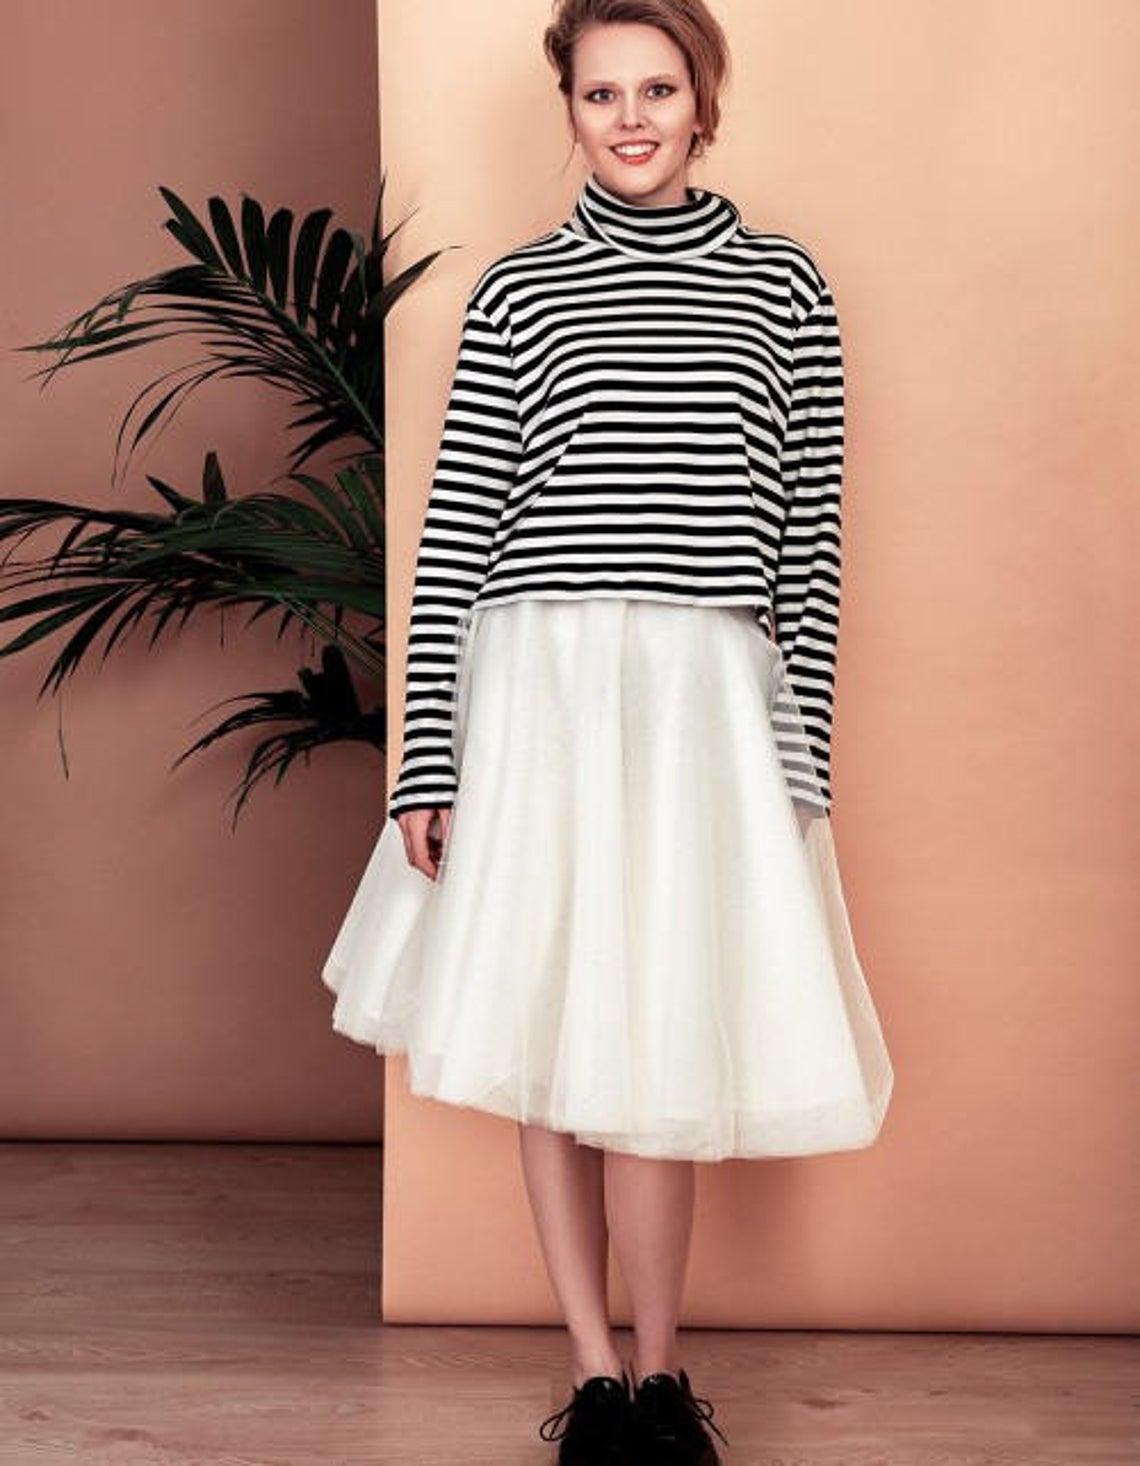 Wonderful tulle skirt in natural white